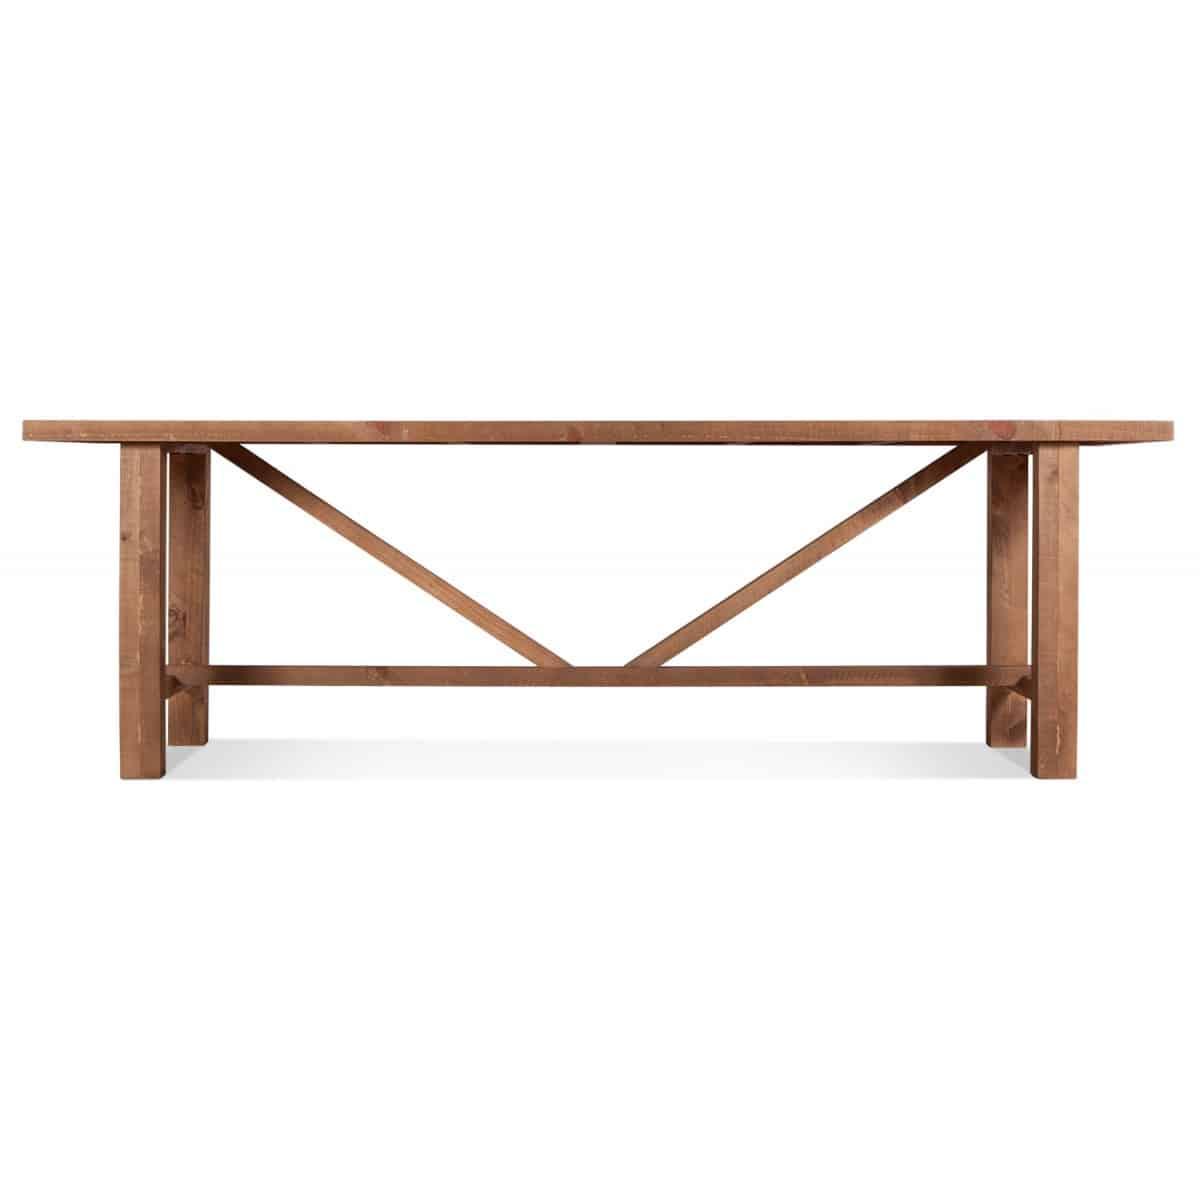 Table à manger Bois Marron 250x90x78.5cm